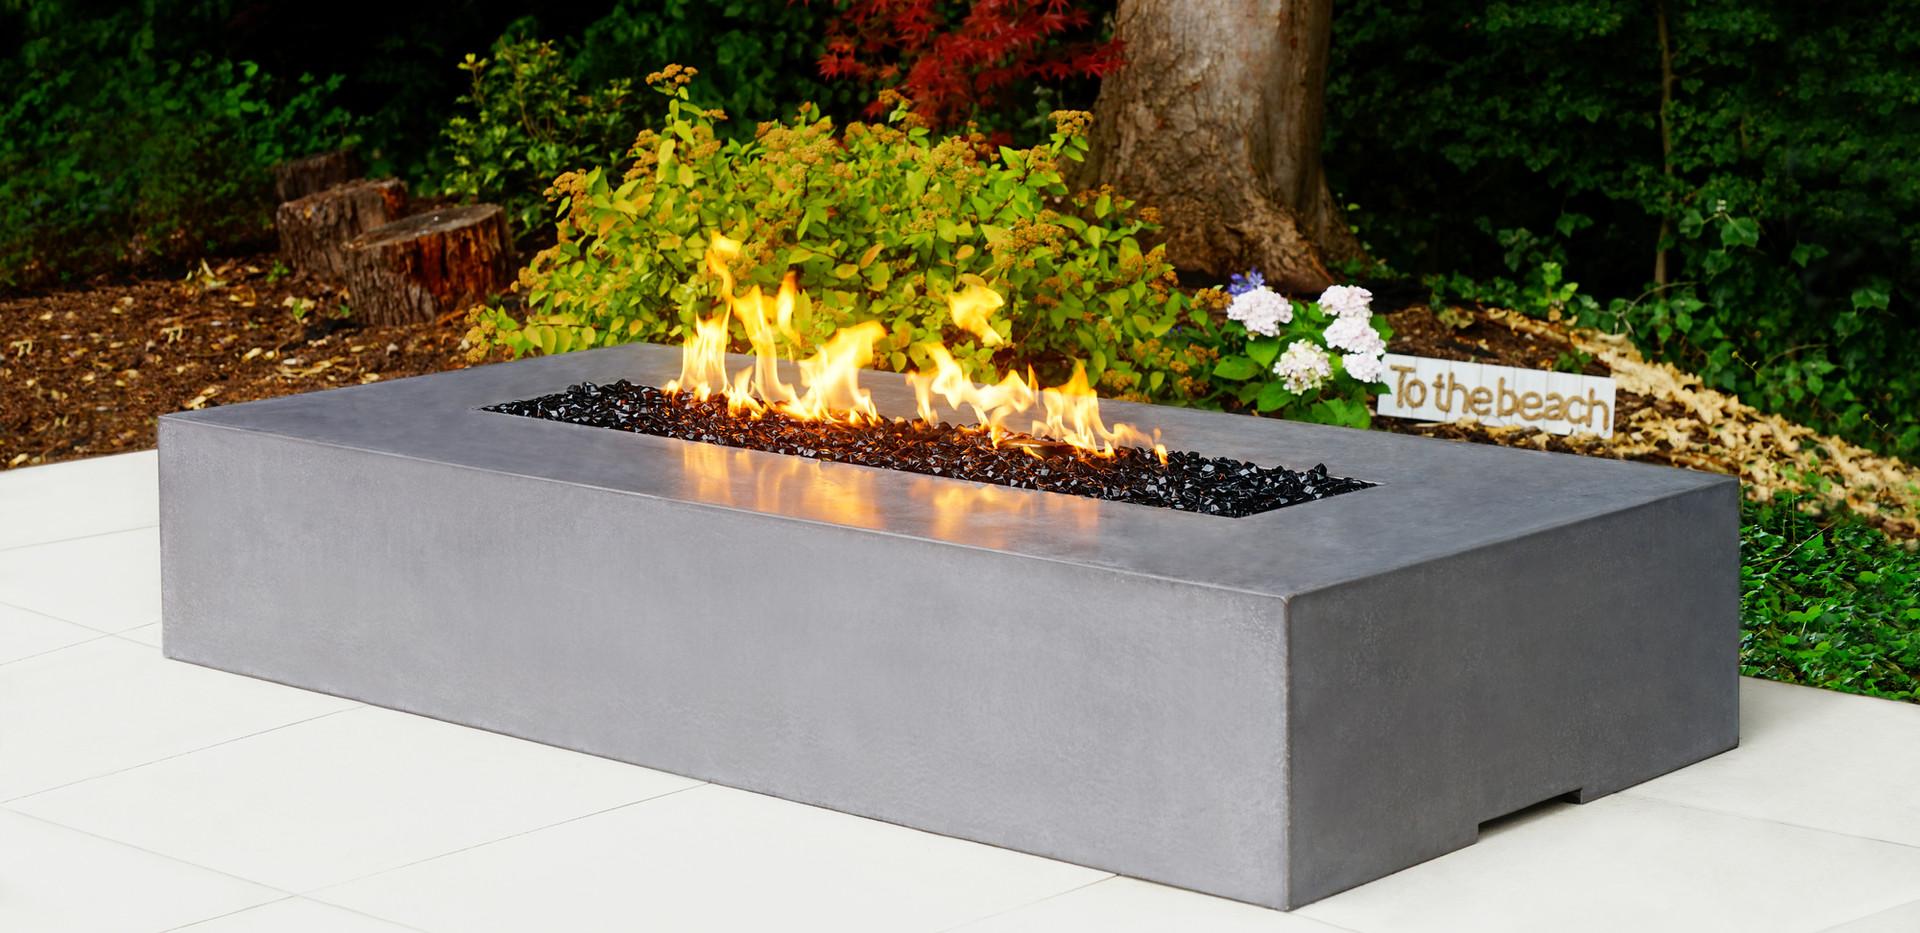 Dakota 2200 polished concrete fire pit - special colour